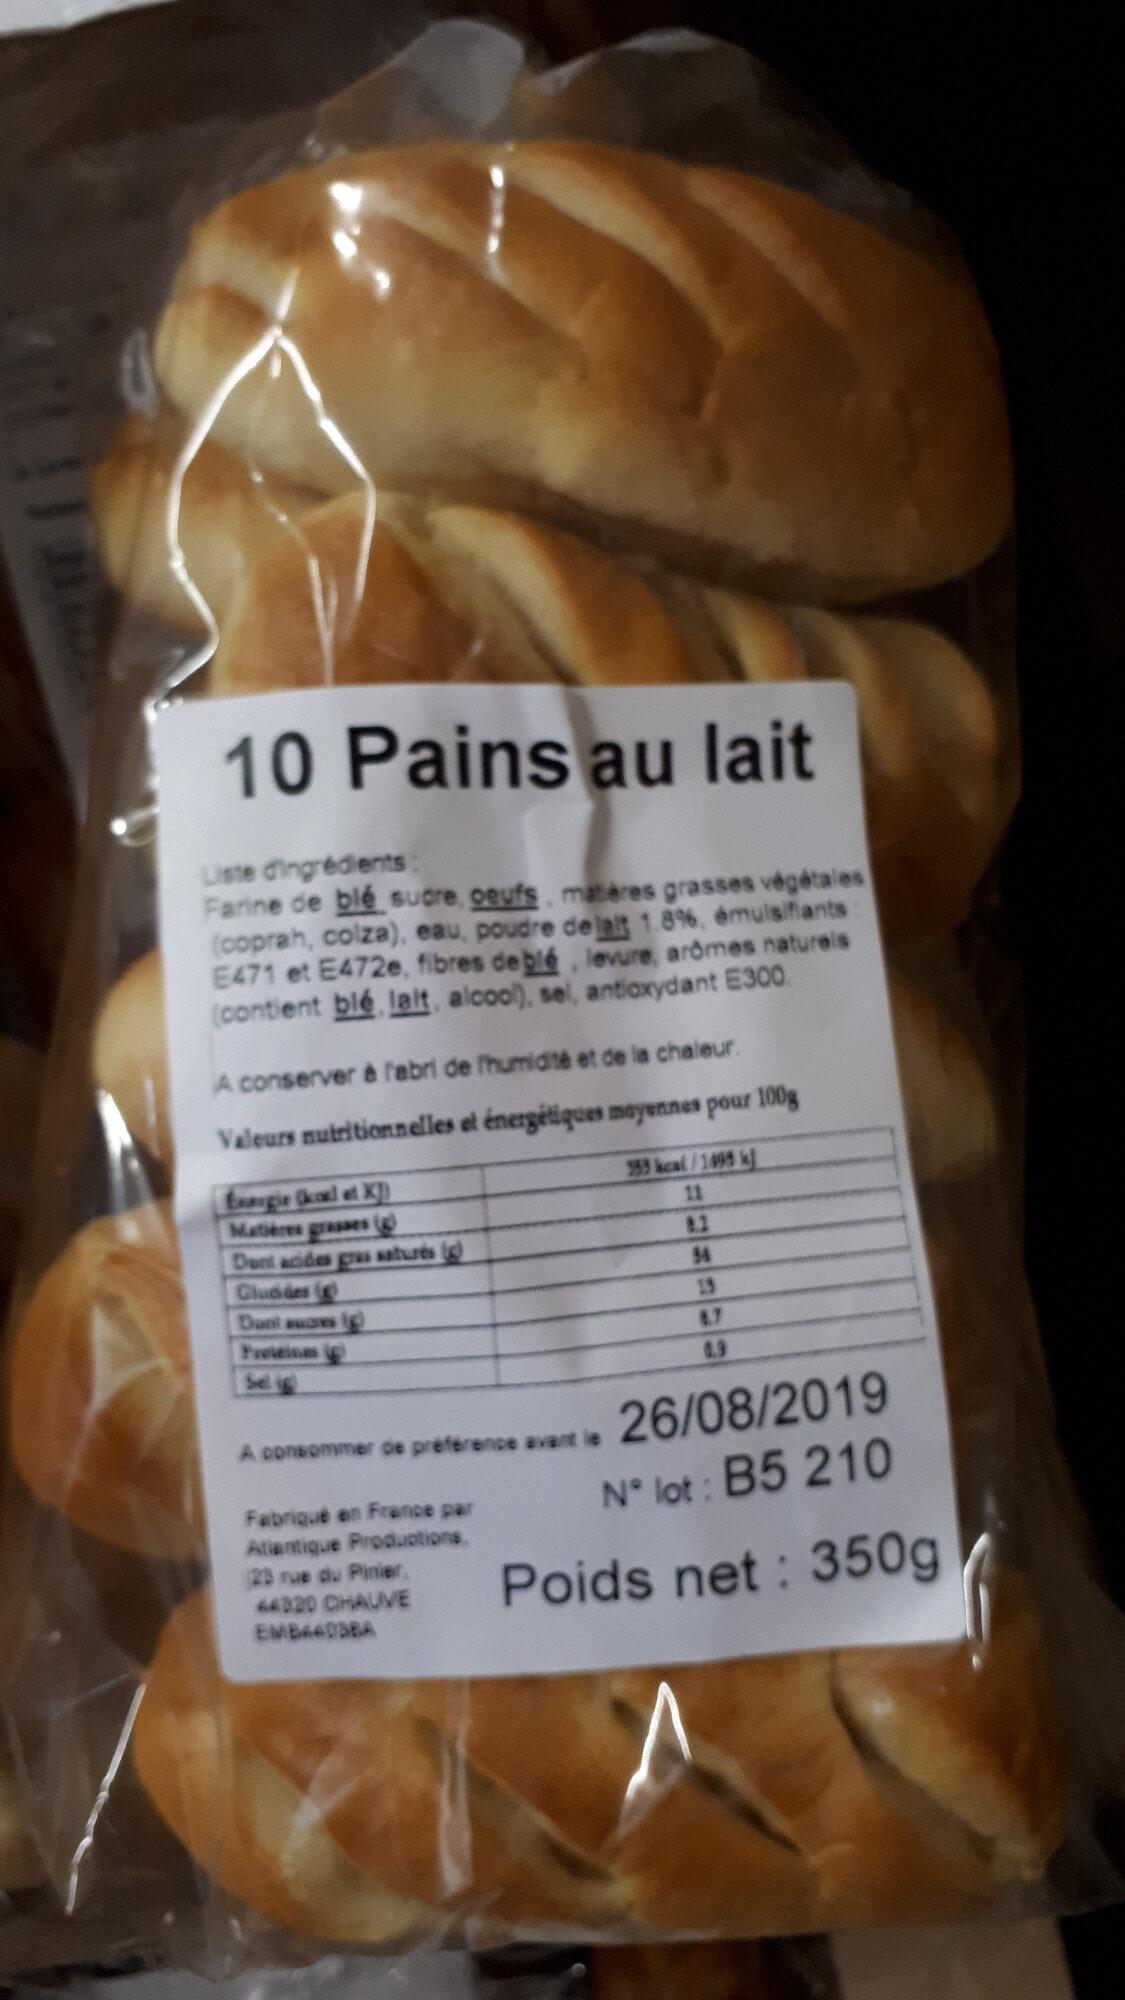 Pains au lait - Product